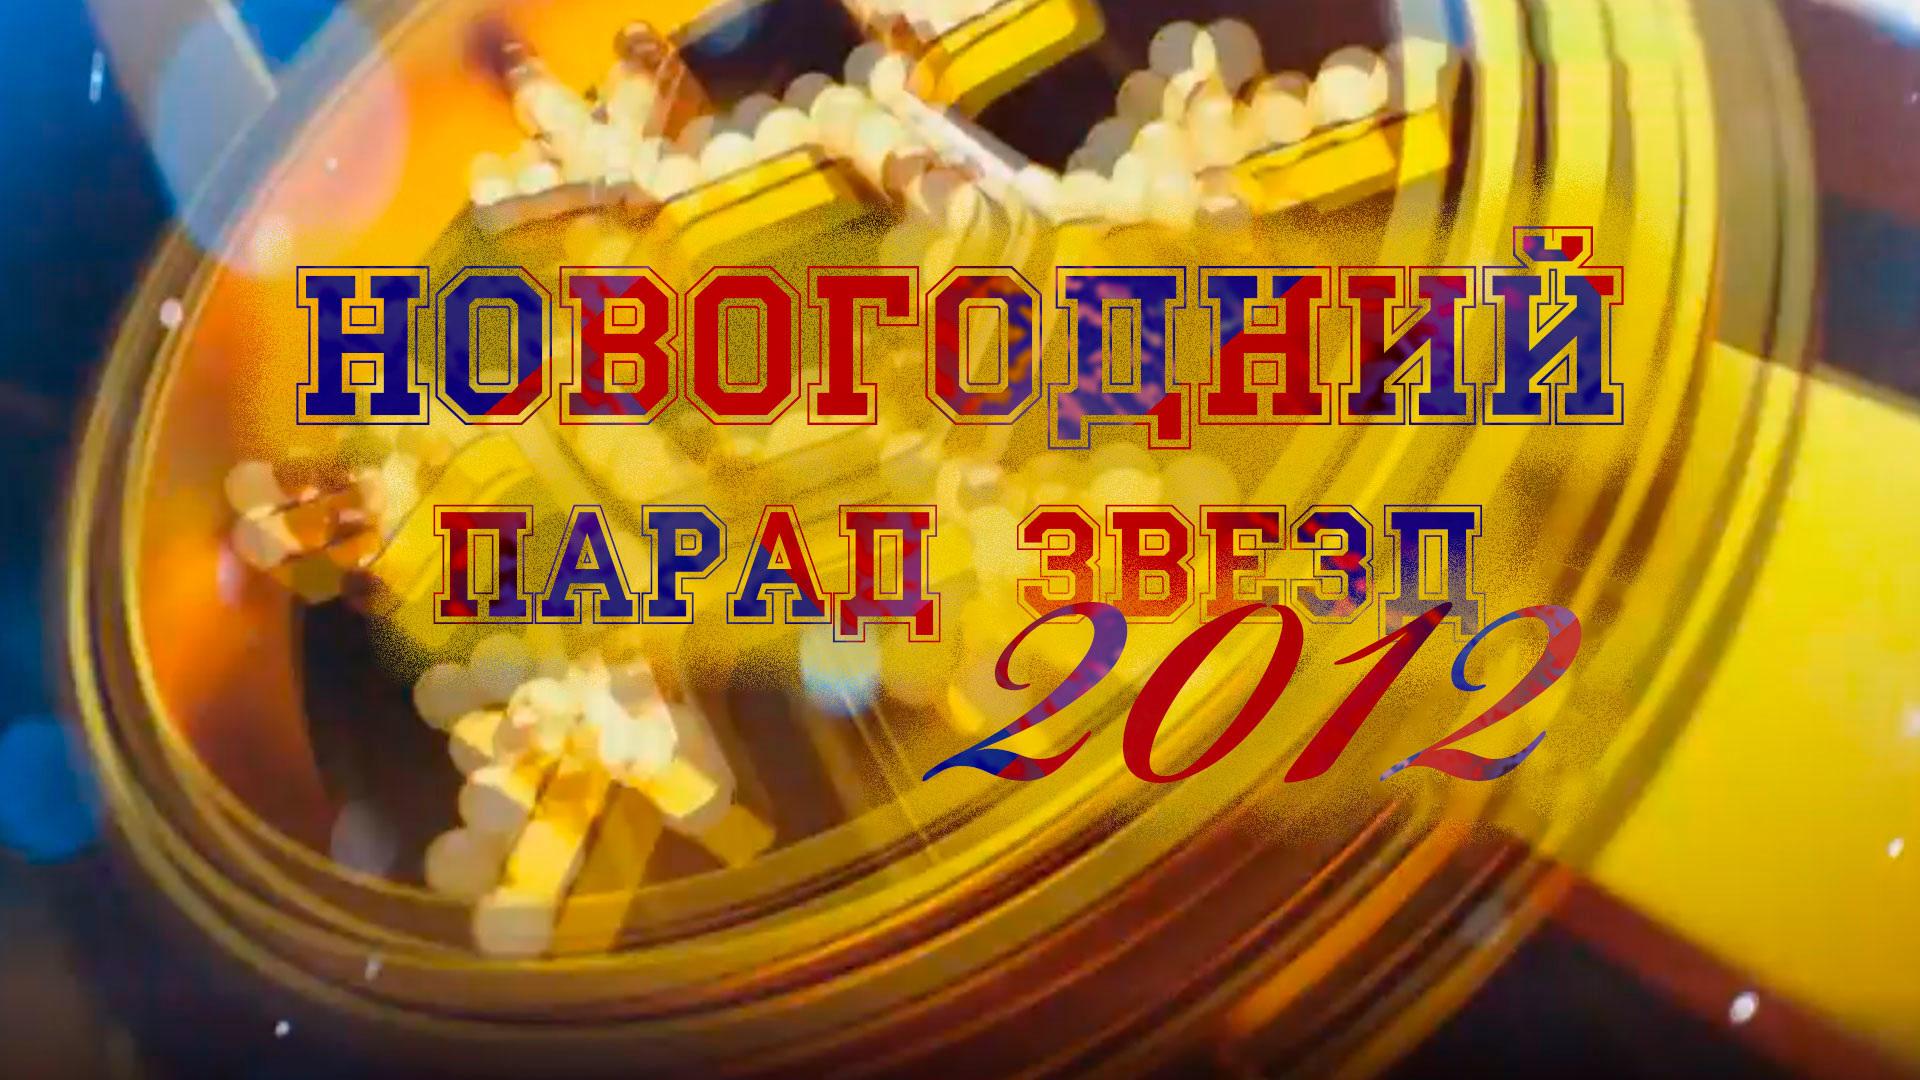 Новогодний парад звезд-2012